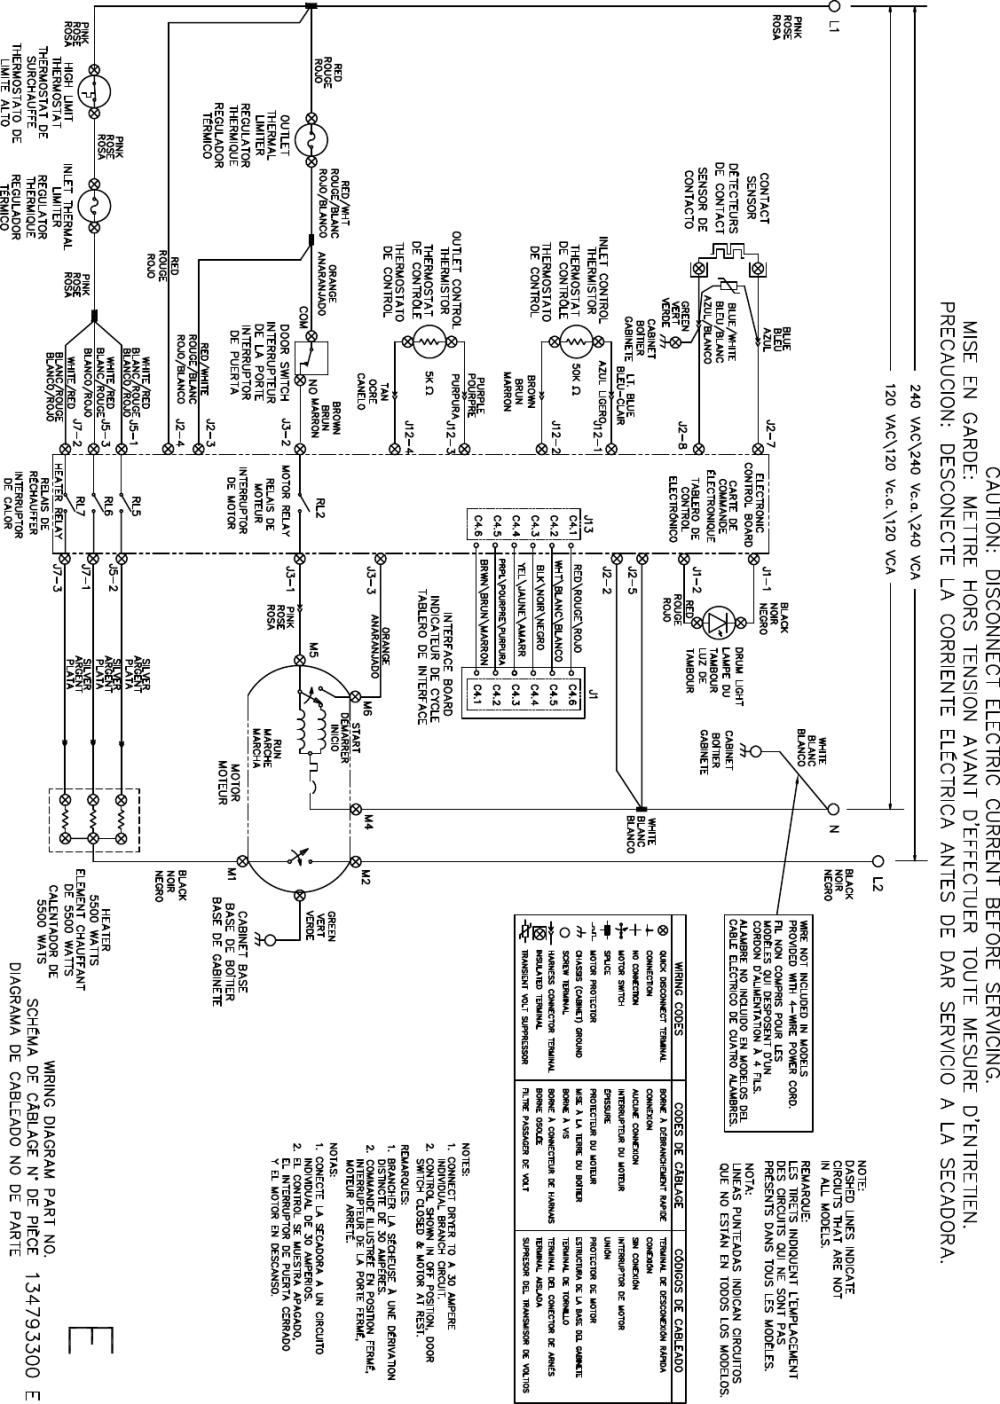 medium resolution of suzuki marauder ignition wiring schematic suzuki lj20 american ironhorse cover 2003 american iron horse wiring